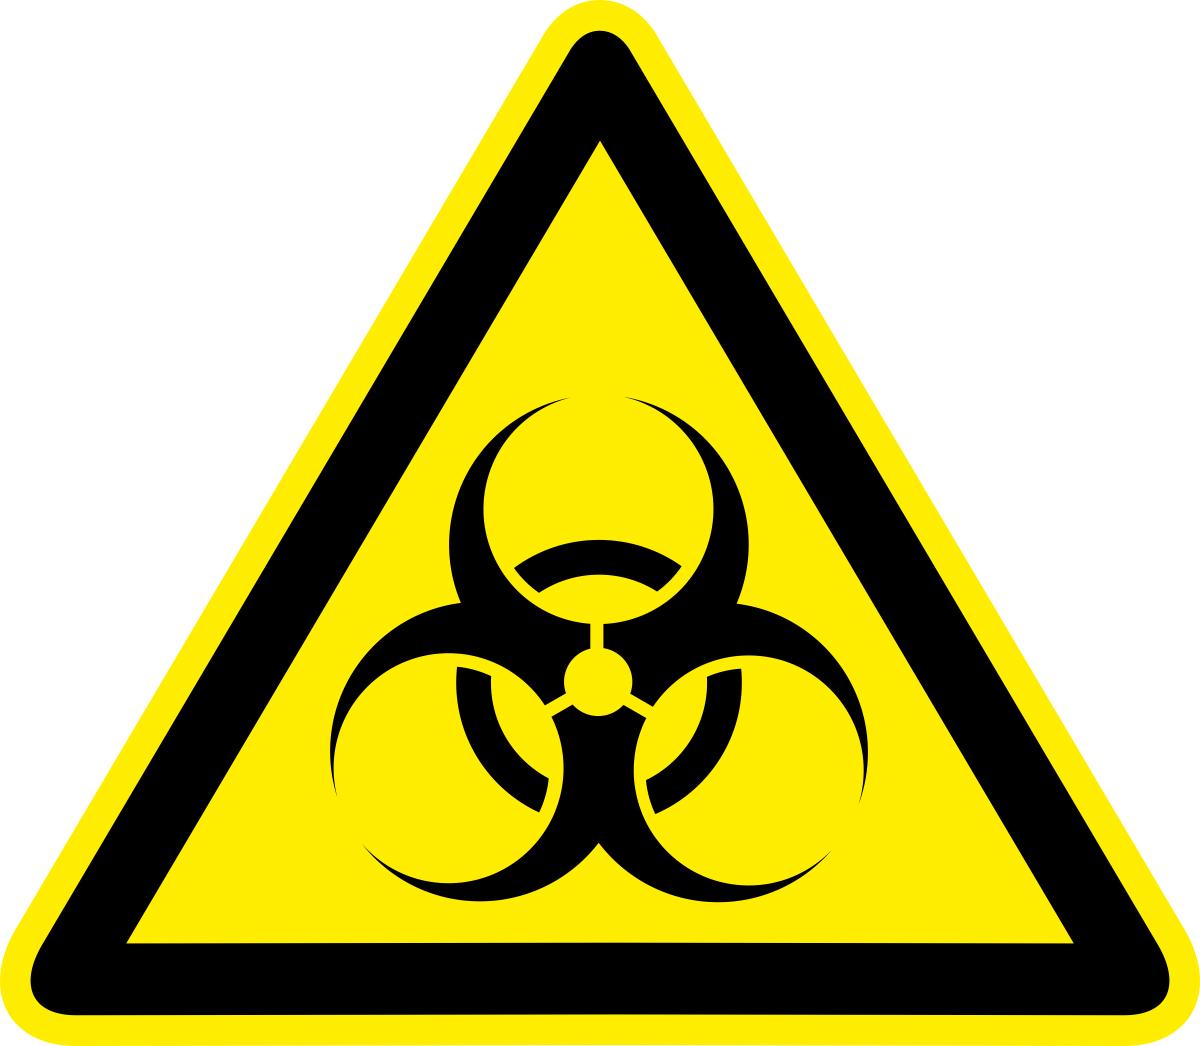 Наклейка информационная Оранжевый Слоник Осторожно. Биологическая опасность, 15 х 15 смINW008RGBИнформационные наклейки предназначенны для предупреждения людей о непосредственной или возможной опасности, запрещения, предписания или разрешения определенных действий, а также для информации о расположении объектов и средств, использование которых ислючает или снижает воздействие опасных и (или) вредных факторов.